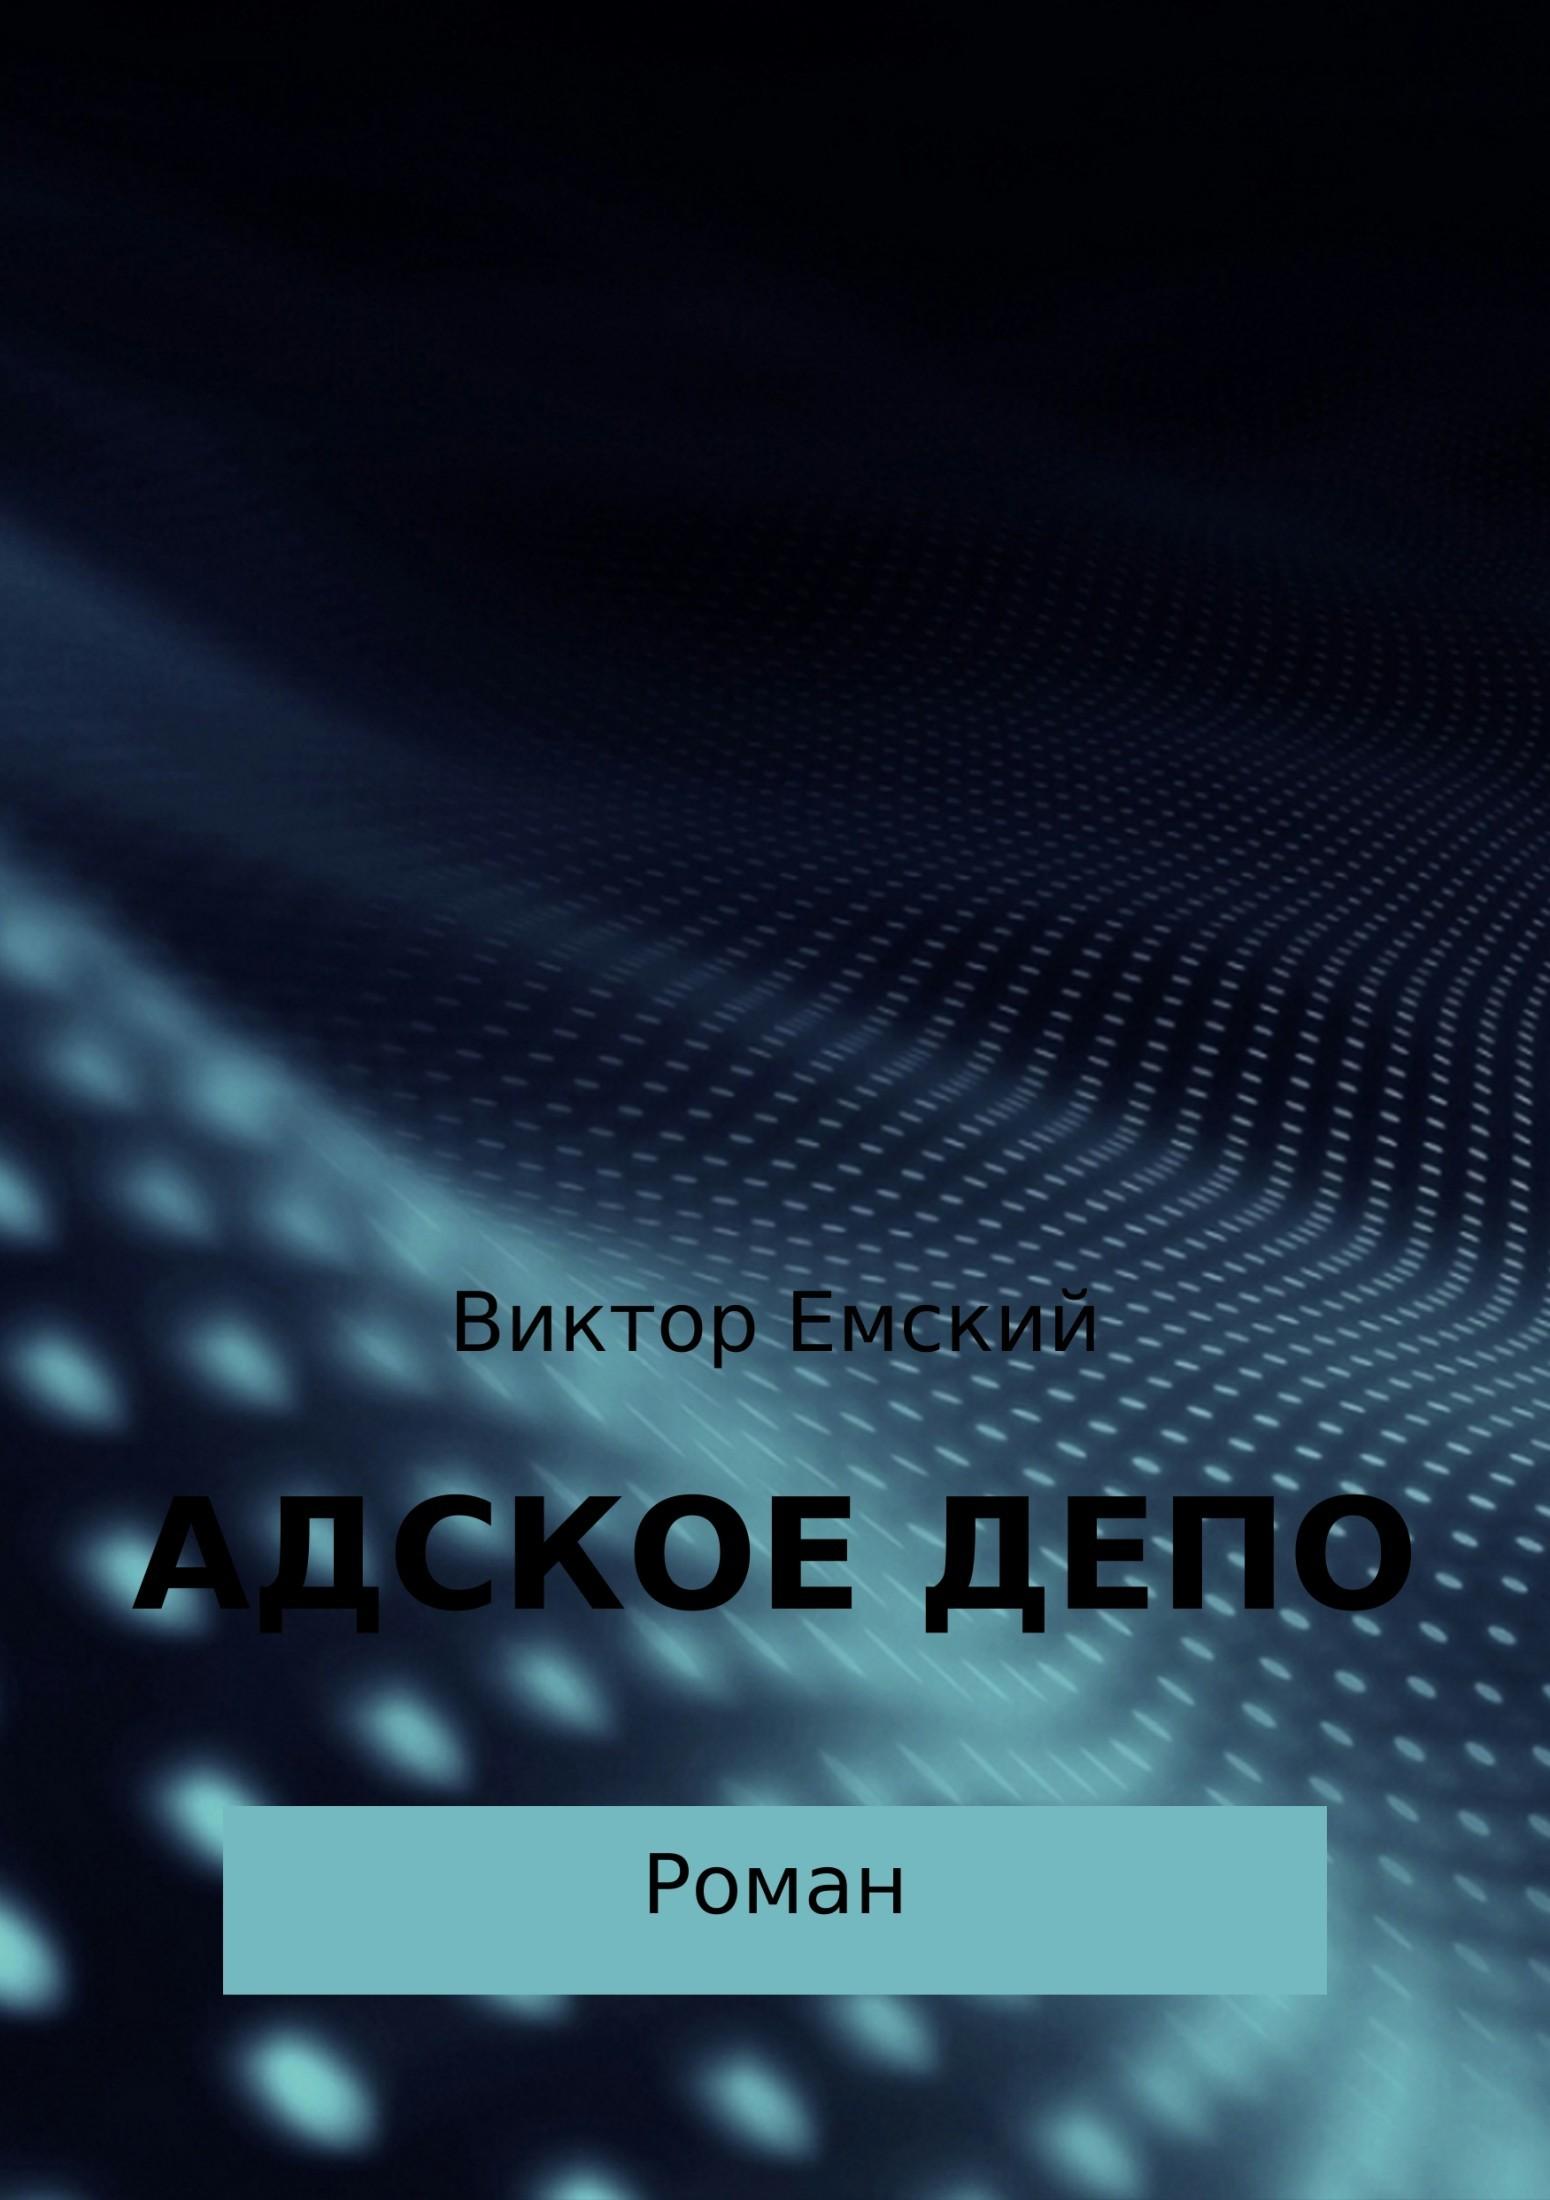 Виктор Емский Адское депо дмитрий семенов страсти в загробном мире и наяву знамение